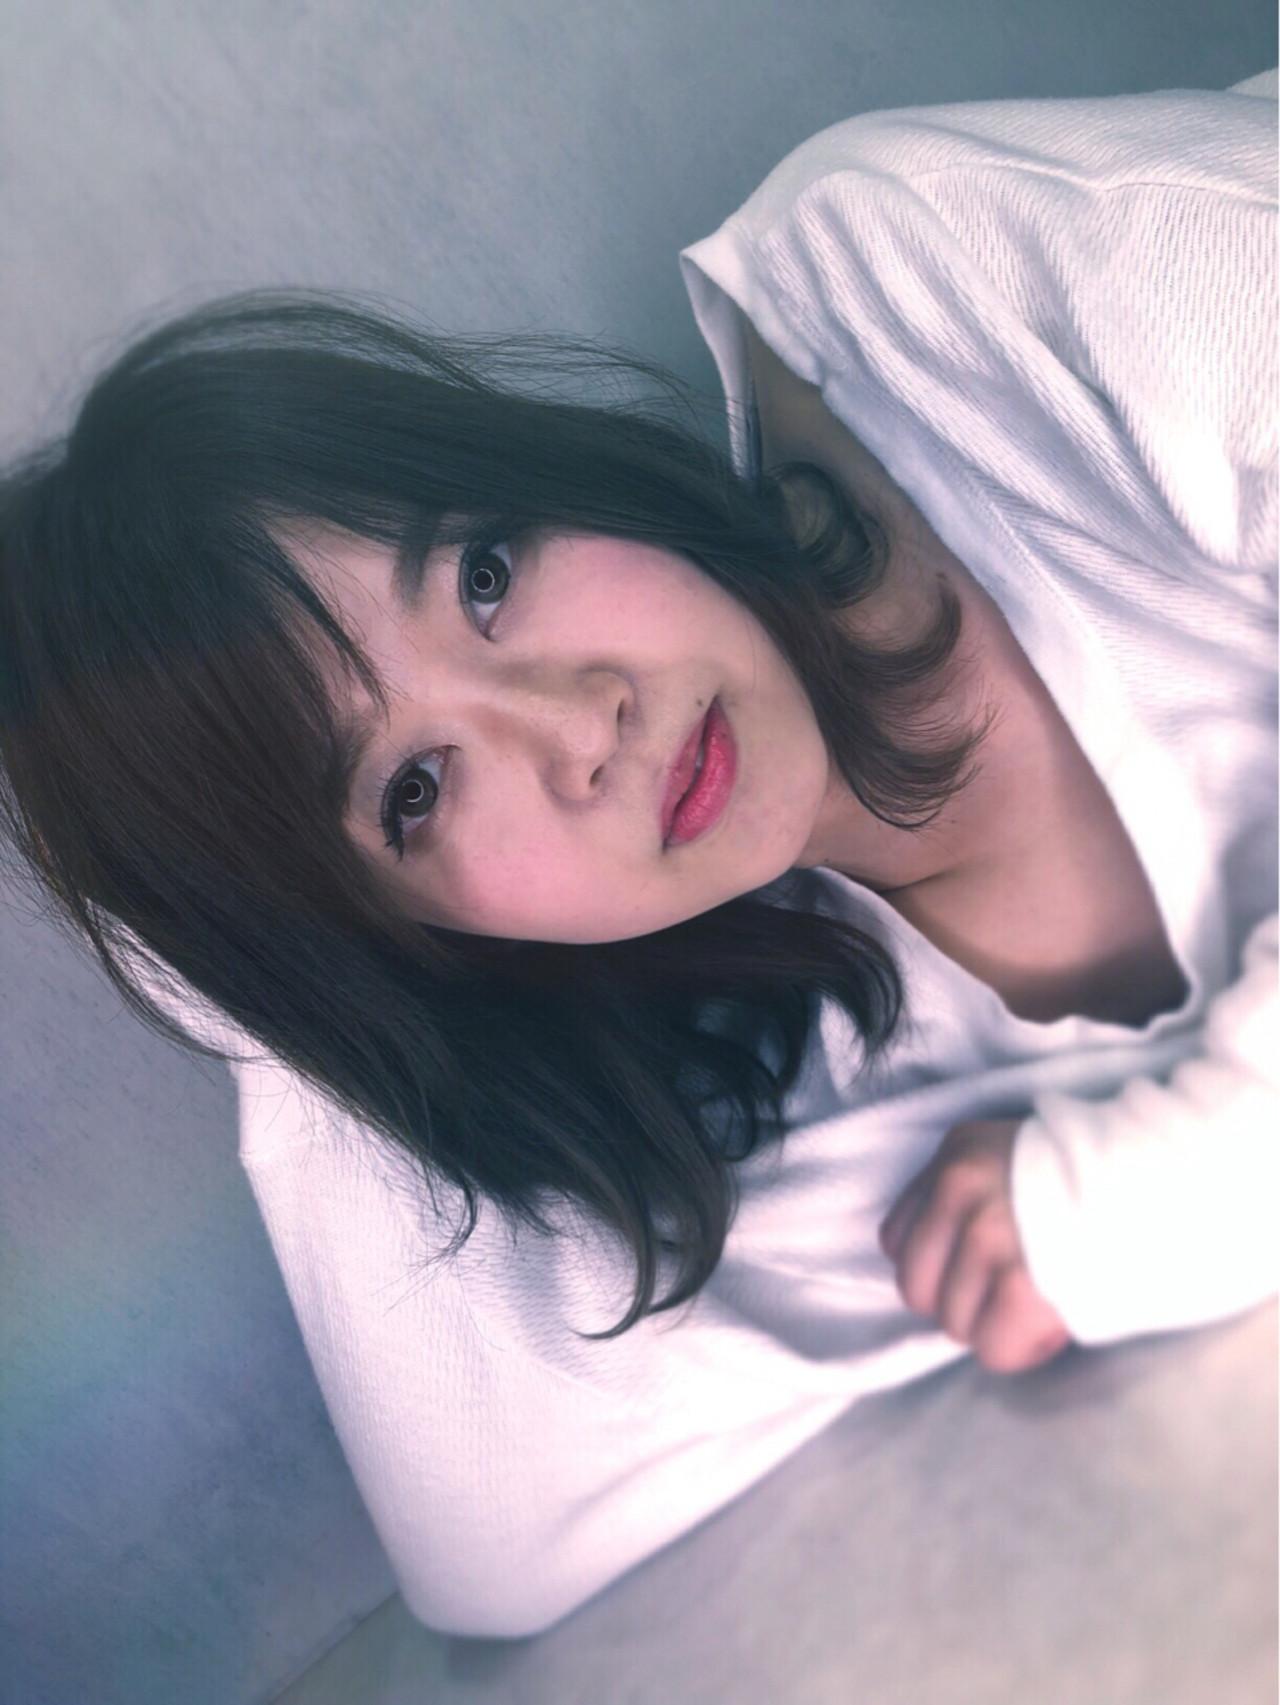 透明感 ナチュラル ハイライト 前髪あり ヘアスタイルや髪型の写真・画像